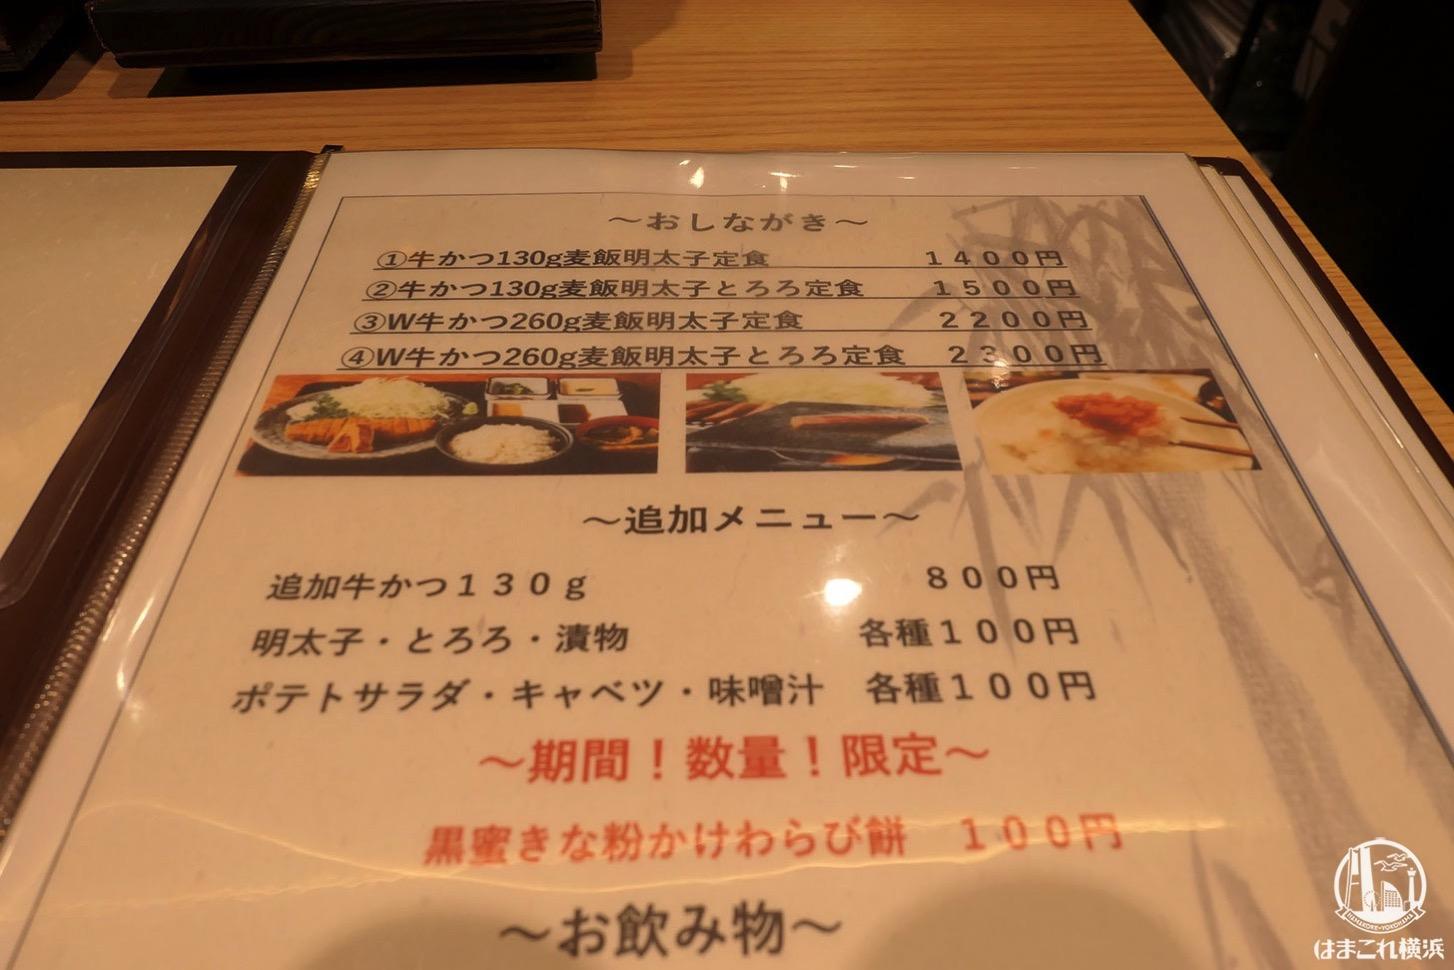 牛かつ専門店「牛かつ もと村」横浜ジョイナス店 メニュー